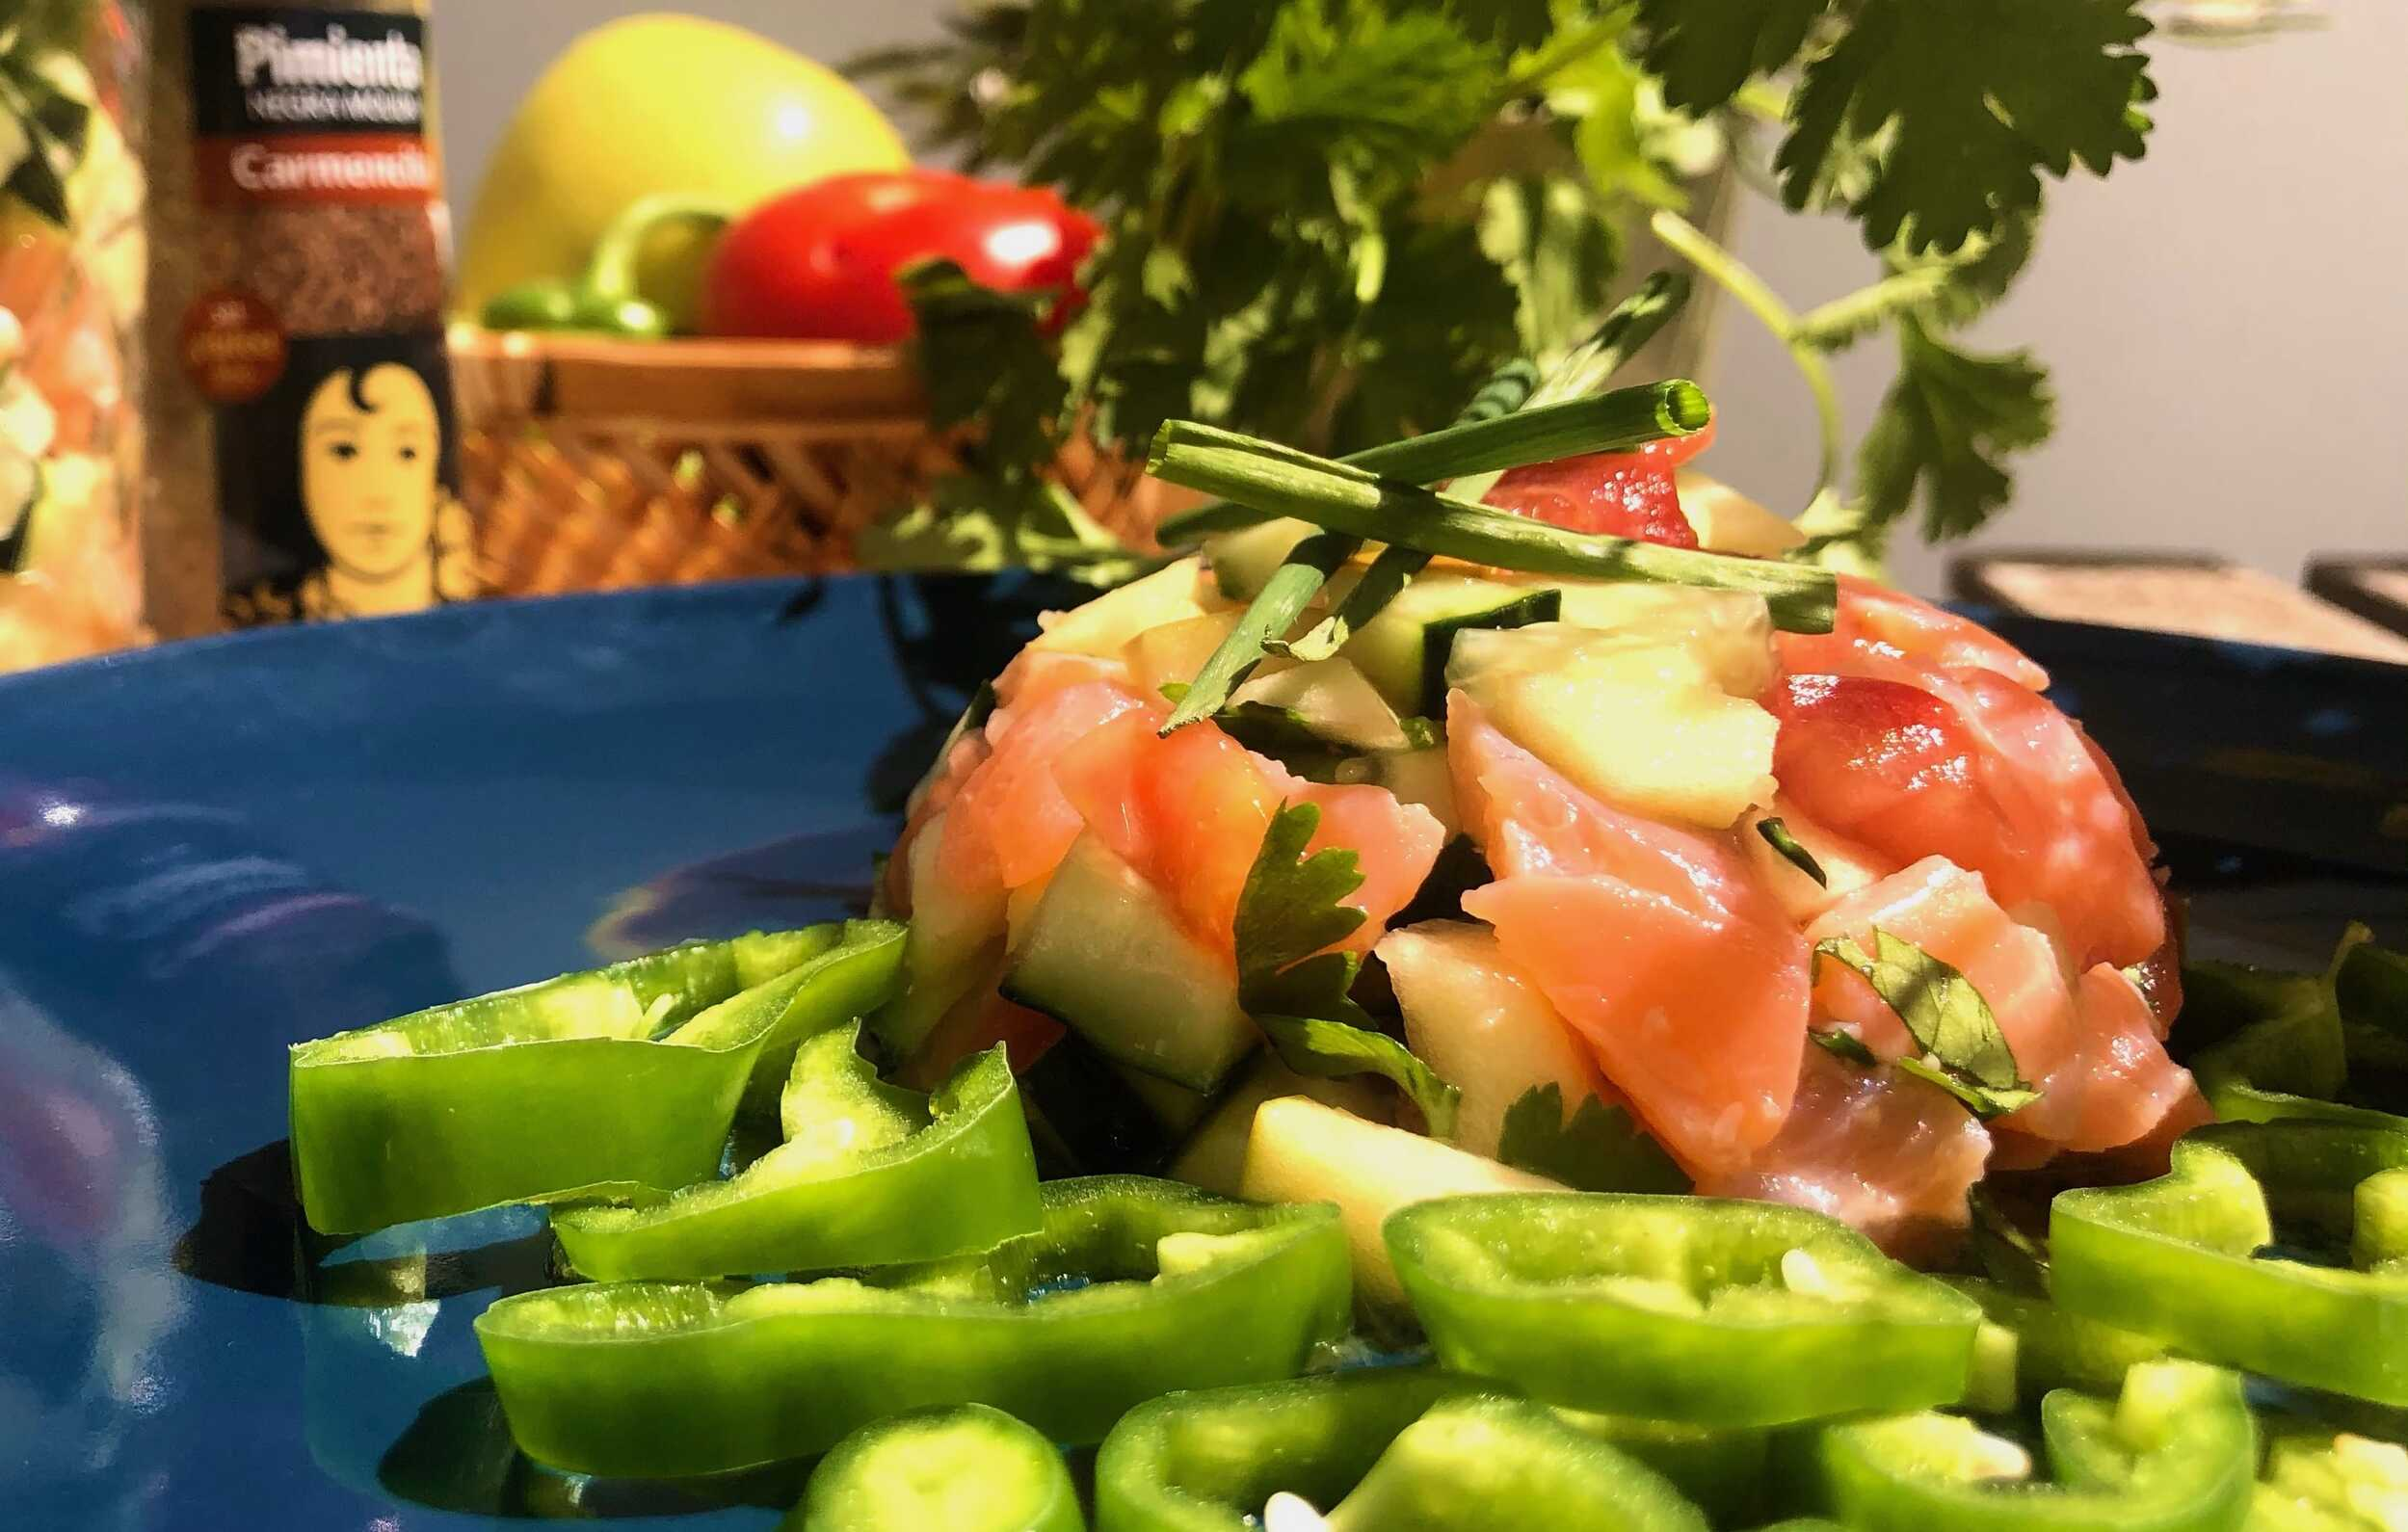 Ce tartare de saumon aux saveurs et aux couleurs de l'été est présenté dans un plat de couleur bleu nuit.